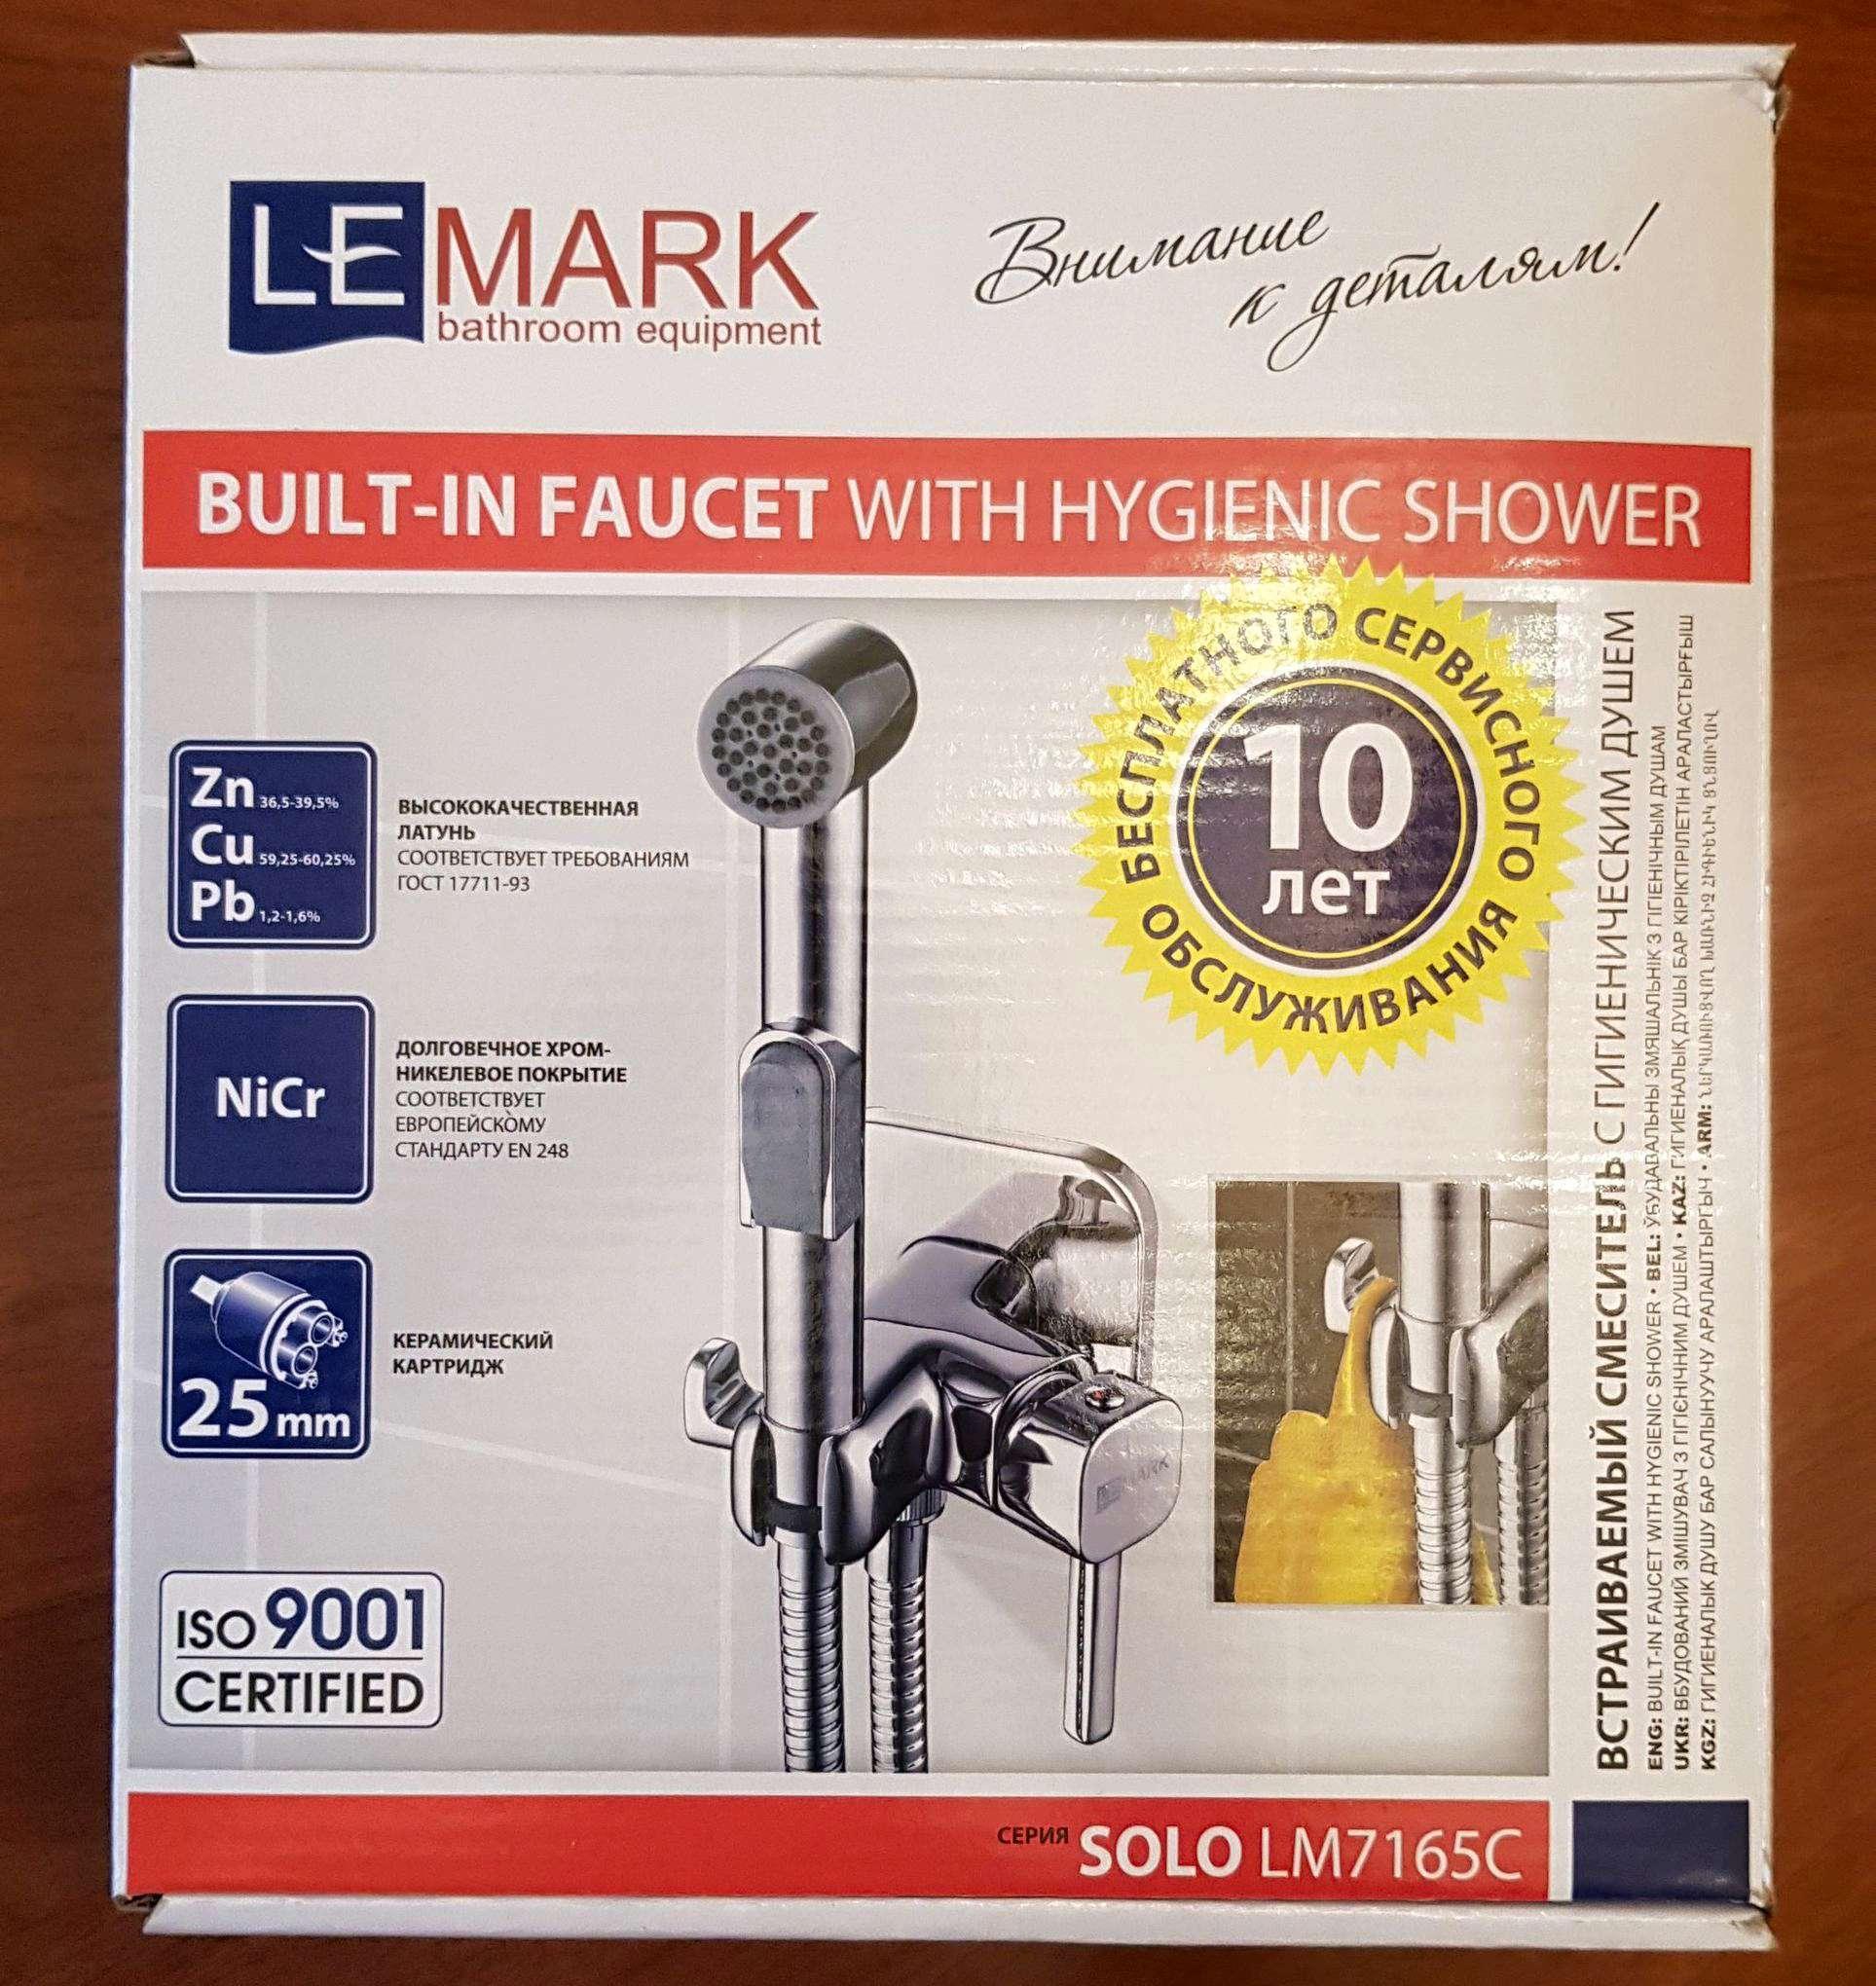 Lemark faucets: customer reviews 4